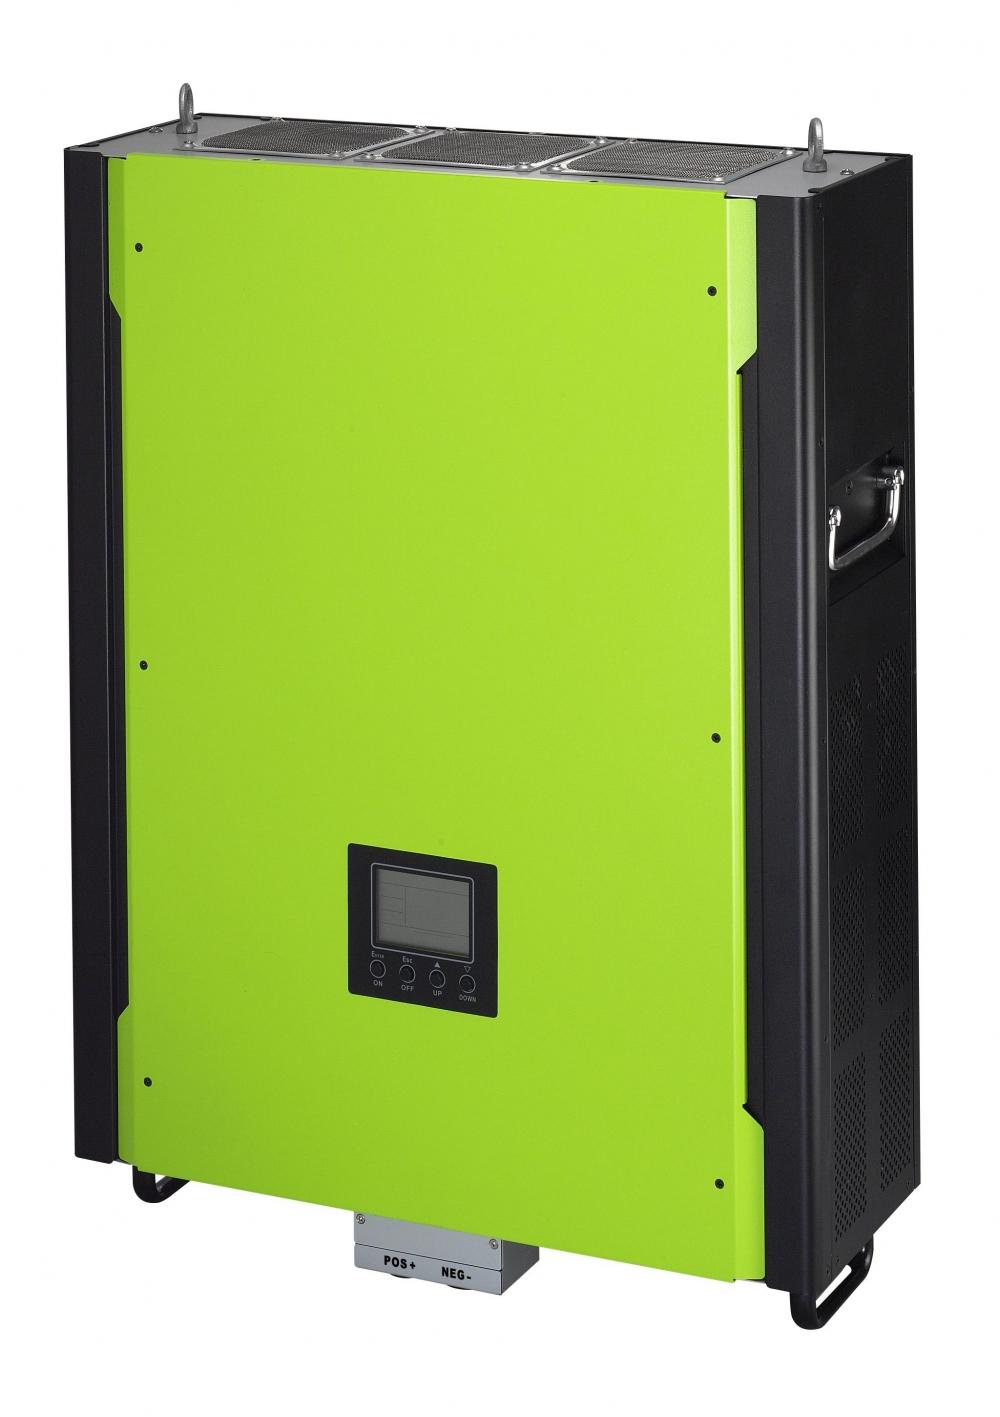 Мережевий сонячний інвертор з резервною функцією 10кВт, 380В, трифазний (Модель InfiniSolar 10kW) - 1